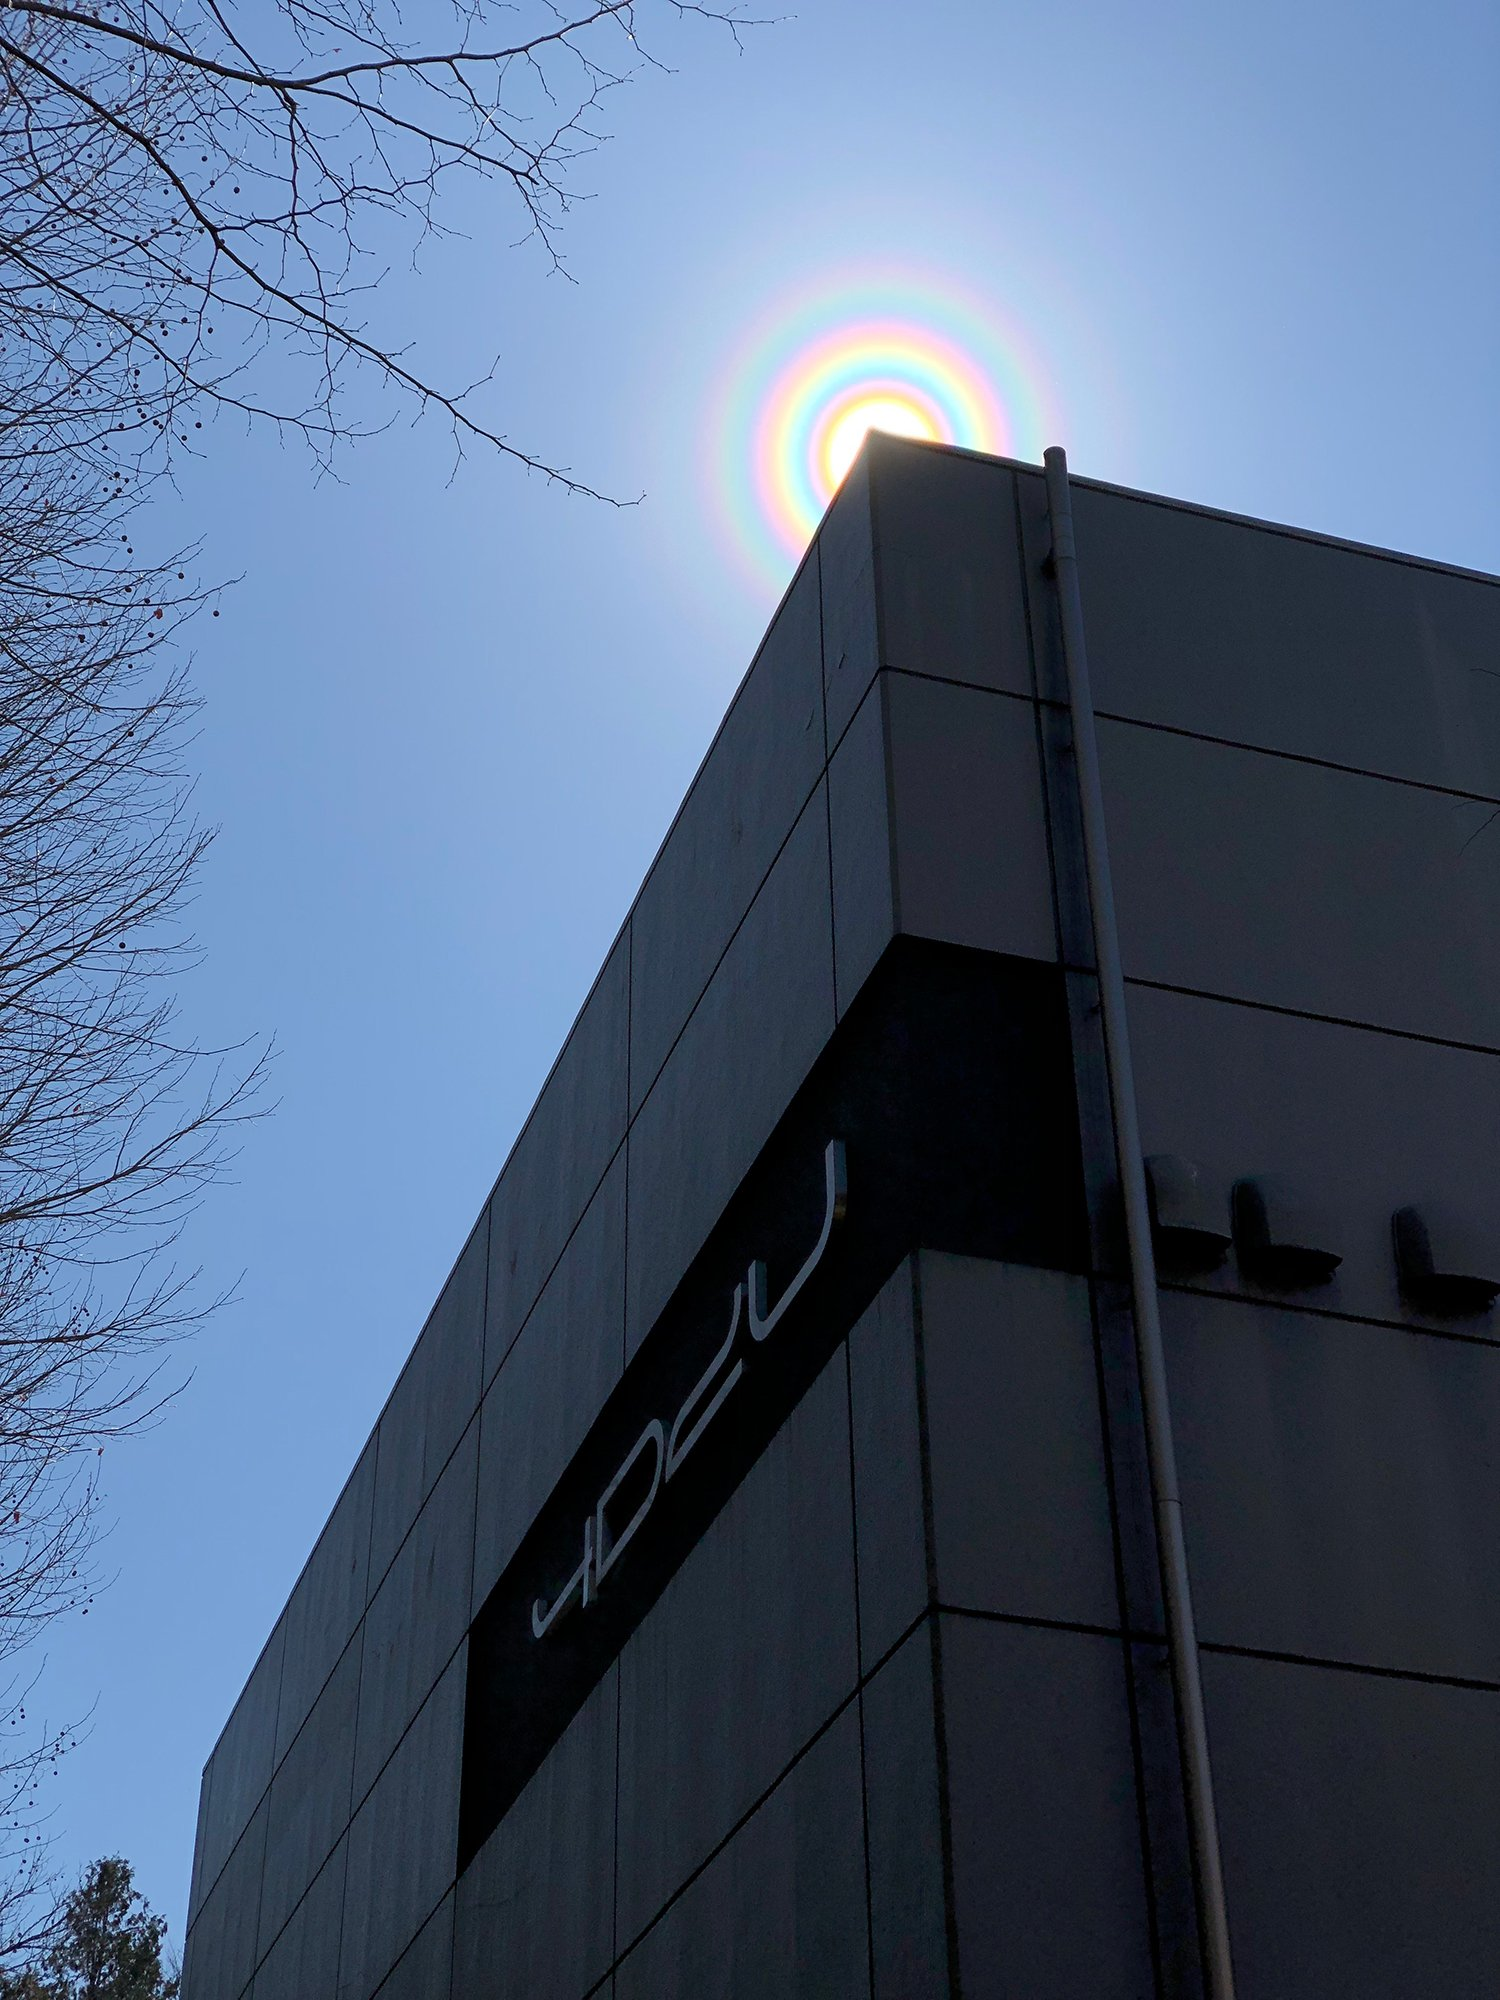 太陽の周りに #花粉光環 と思われる光りの輪が出現。#国立天文台 三鷹キャンパスの建物(4D2Uドームシアター、歴史館、太陽塔望遠鏡)とともに撮影しました。花粉光環はスギ花粉が大量に飛散しているときに見られるとのこと。花粉症の方はお気をつけください。太陽を直接肉眼で見ないようにご注意を。